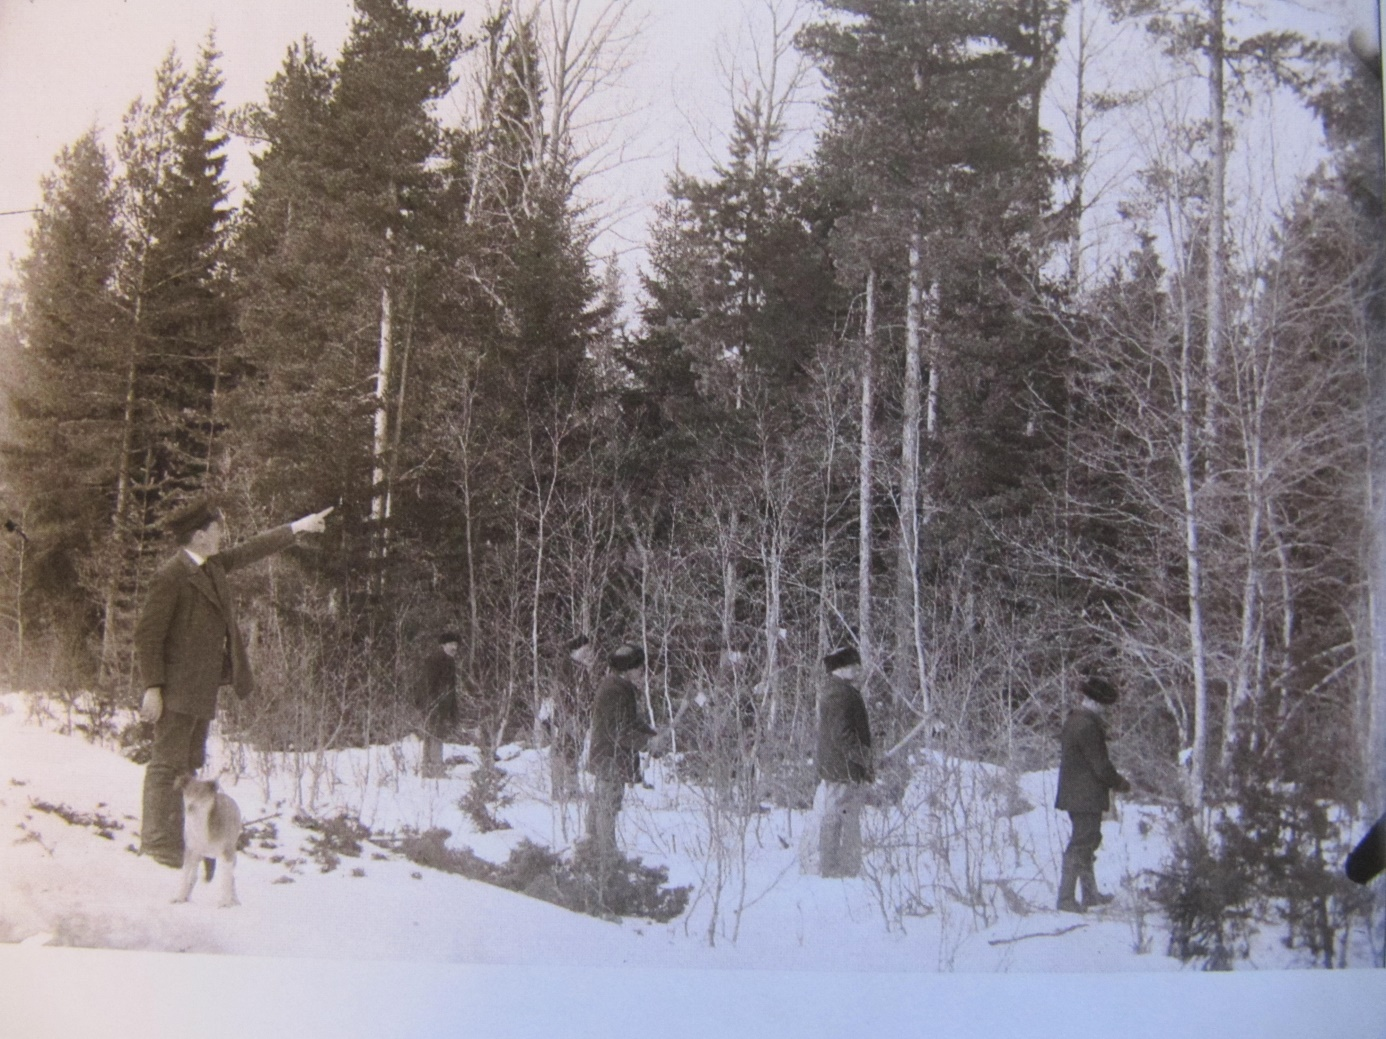 Skogsinstruktören Wikman visar kursdeltagarna hur gallringar skall göras. Det var ju denne Wikman som värderade skogarna, som skulle skiftas i storskiftet.